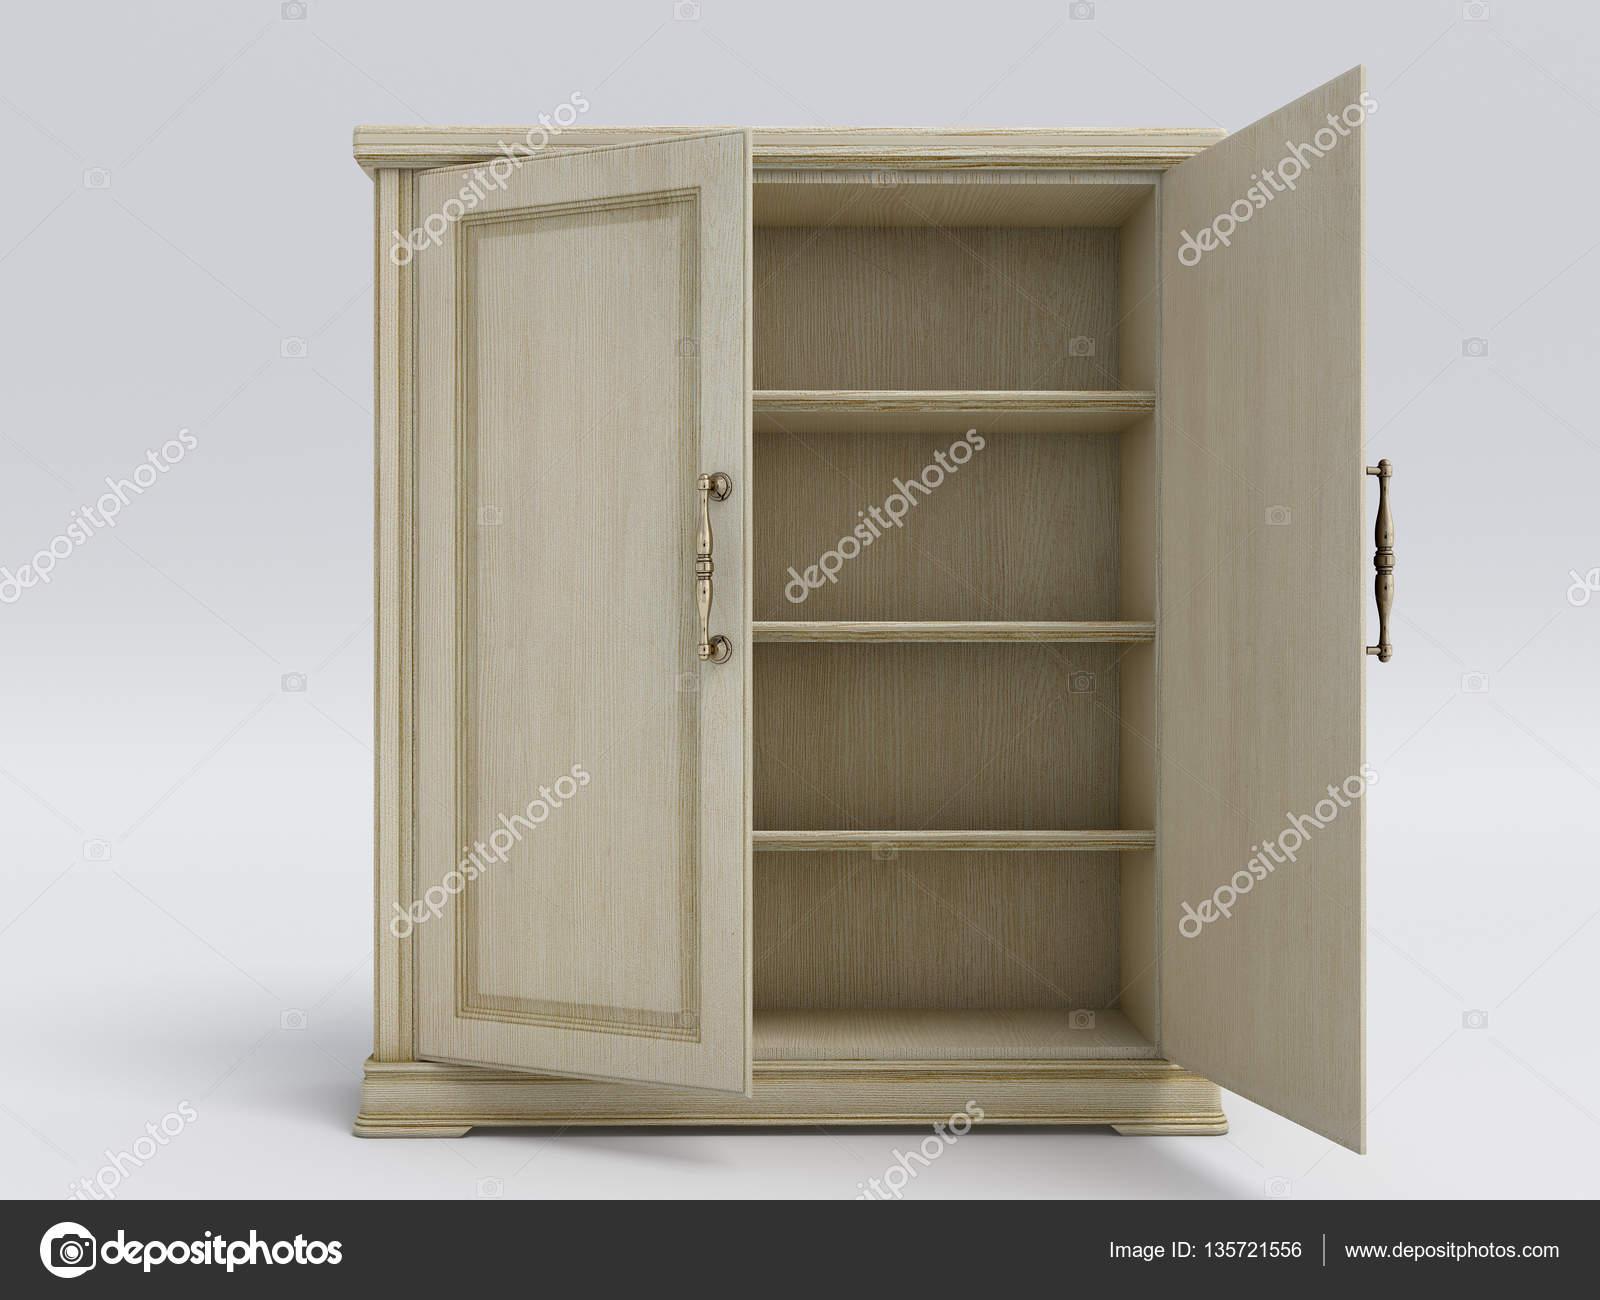 Madera armario abierto blanco grande ilustraci n 3d - Armario madera blanco ...